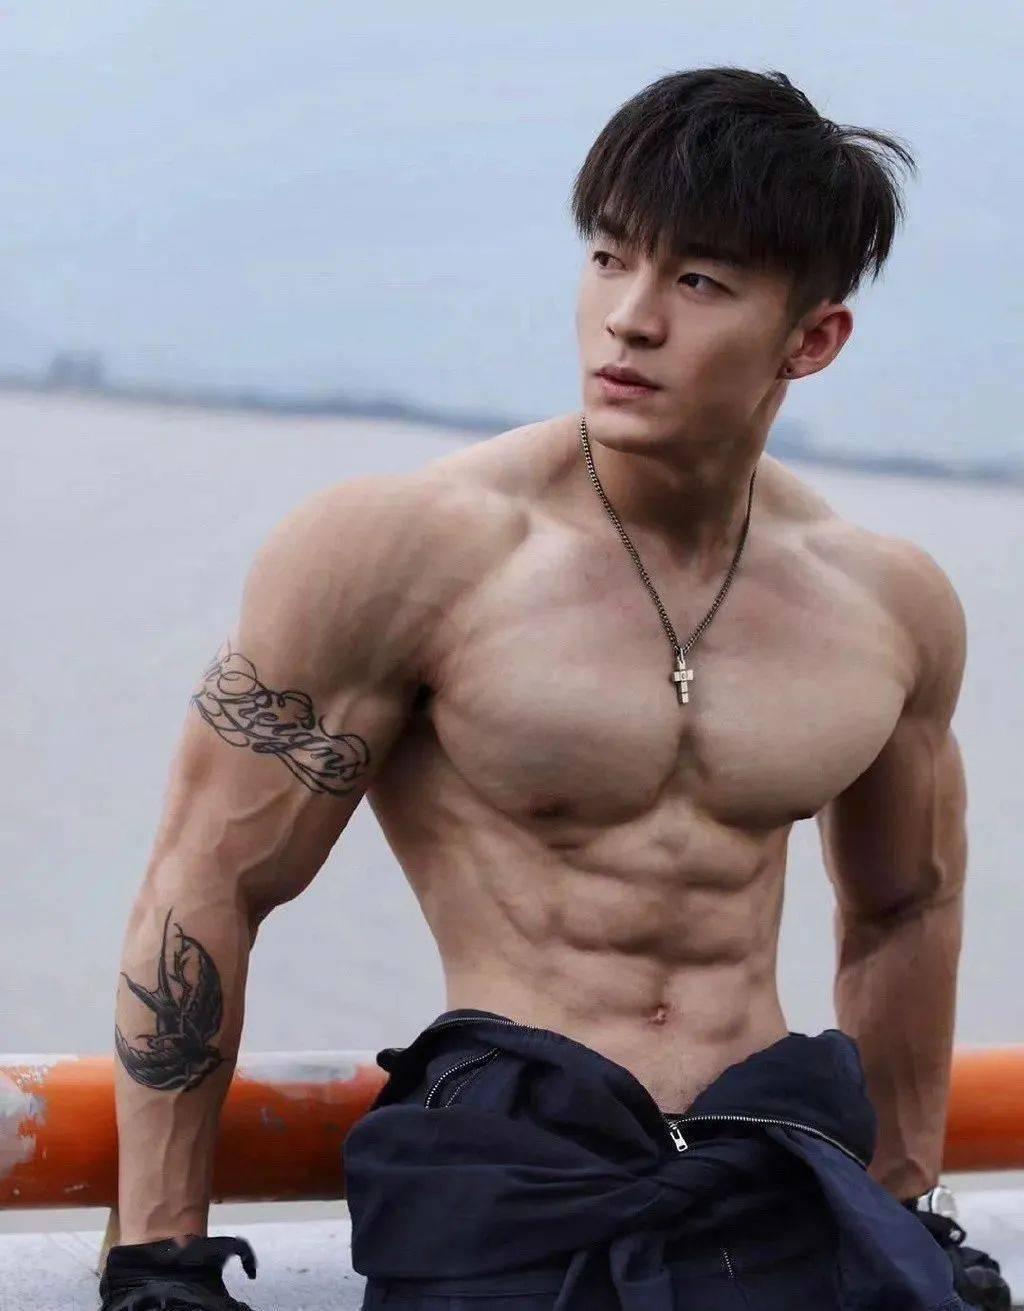 肌肉帅哥发型更衣室被偷拍,最后竟脱上衣出来全都看光了!